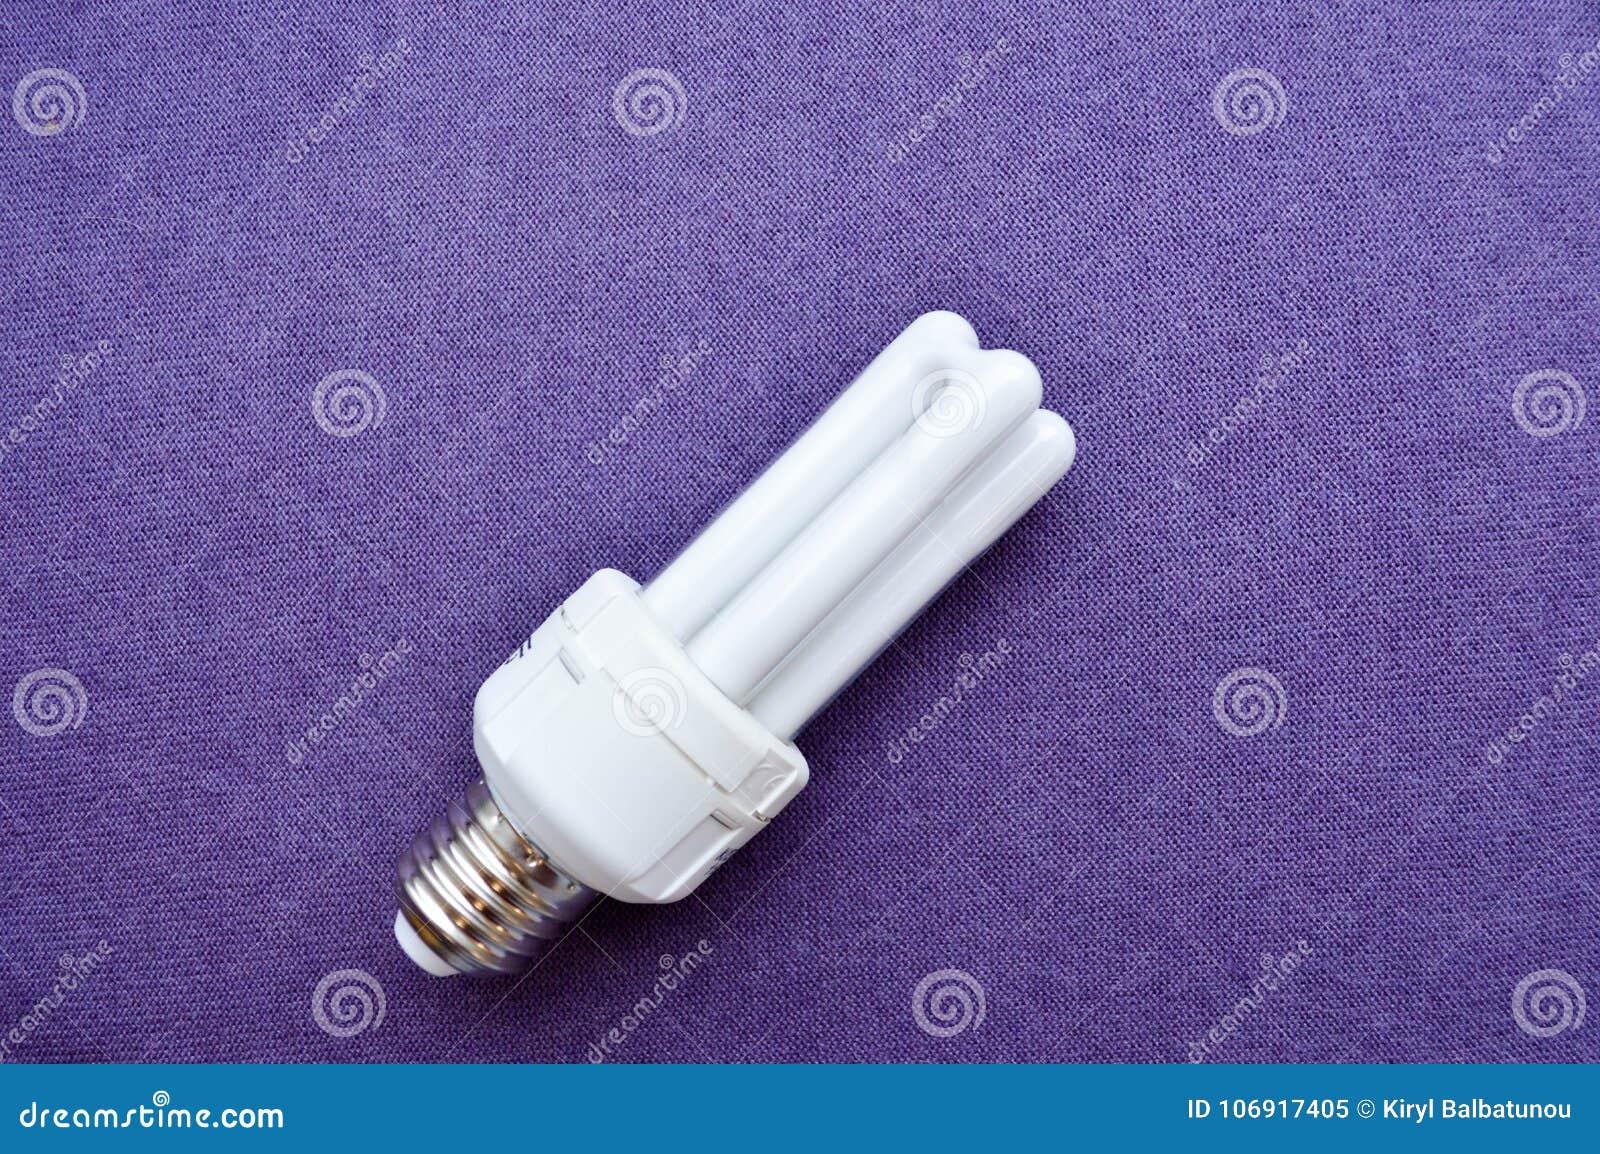 Biała energooszczędna fluorescencyjna żarówka z cztery tubkami z srebną nakrętką,